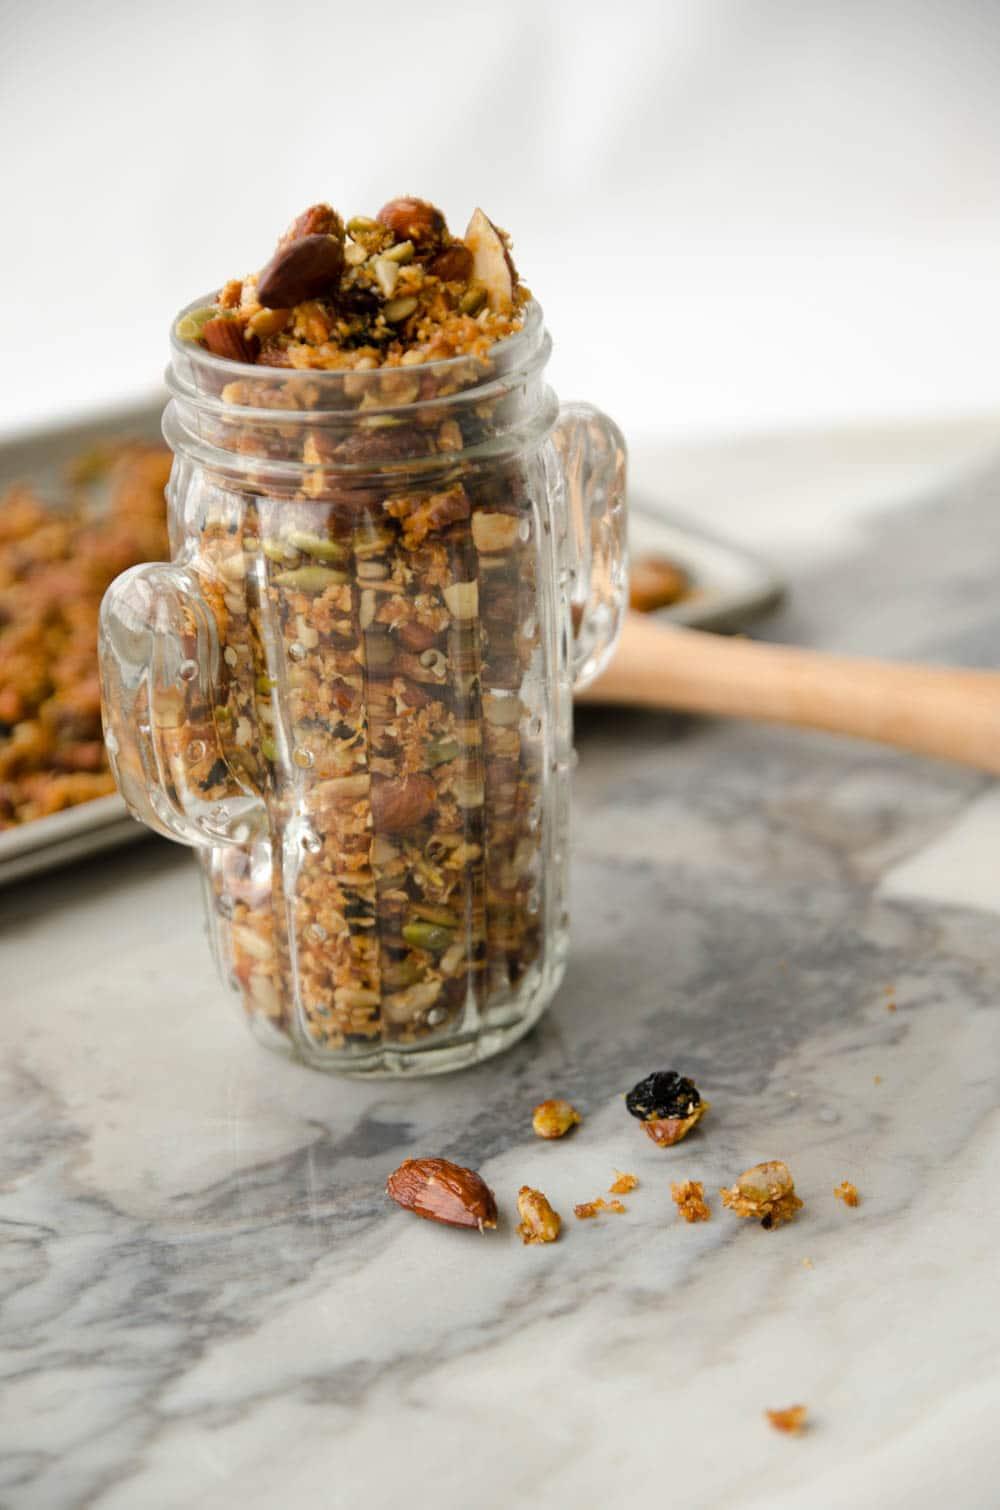 receita de granola com mel, castanhas e frutas caseira